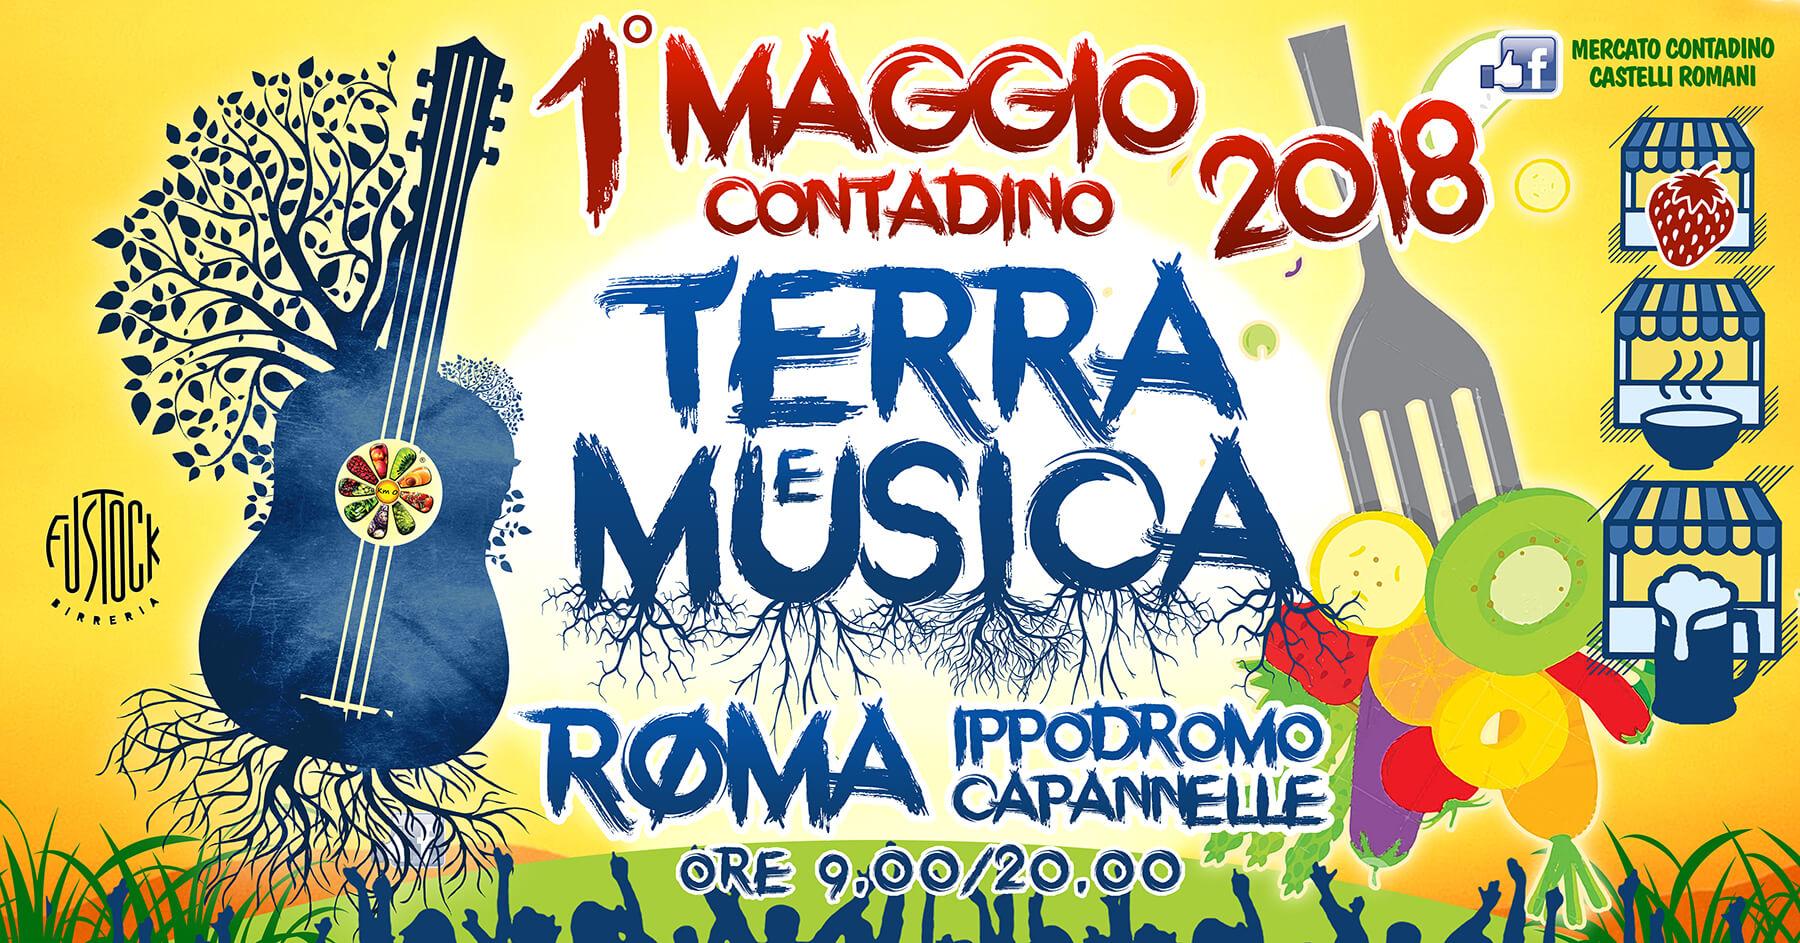 TERRA e MUSICA  - Festa del 1° maggio contadino